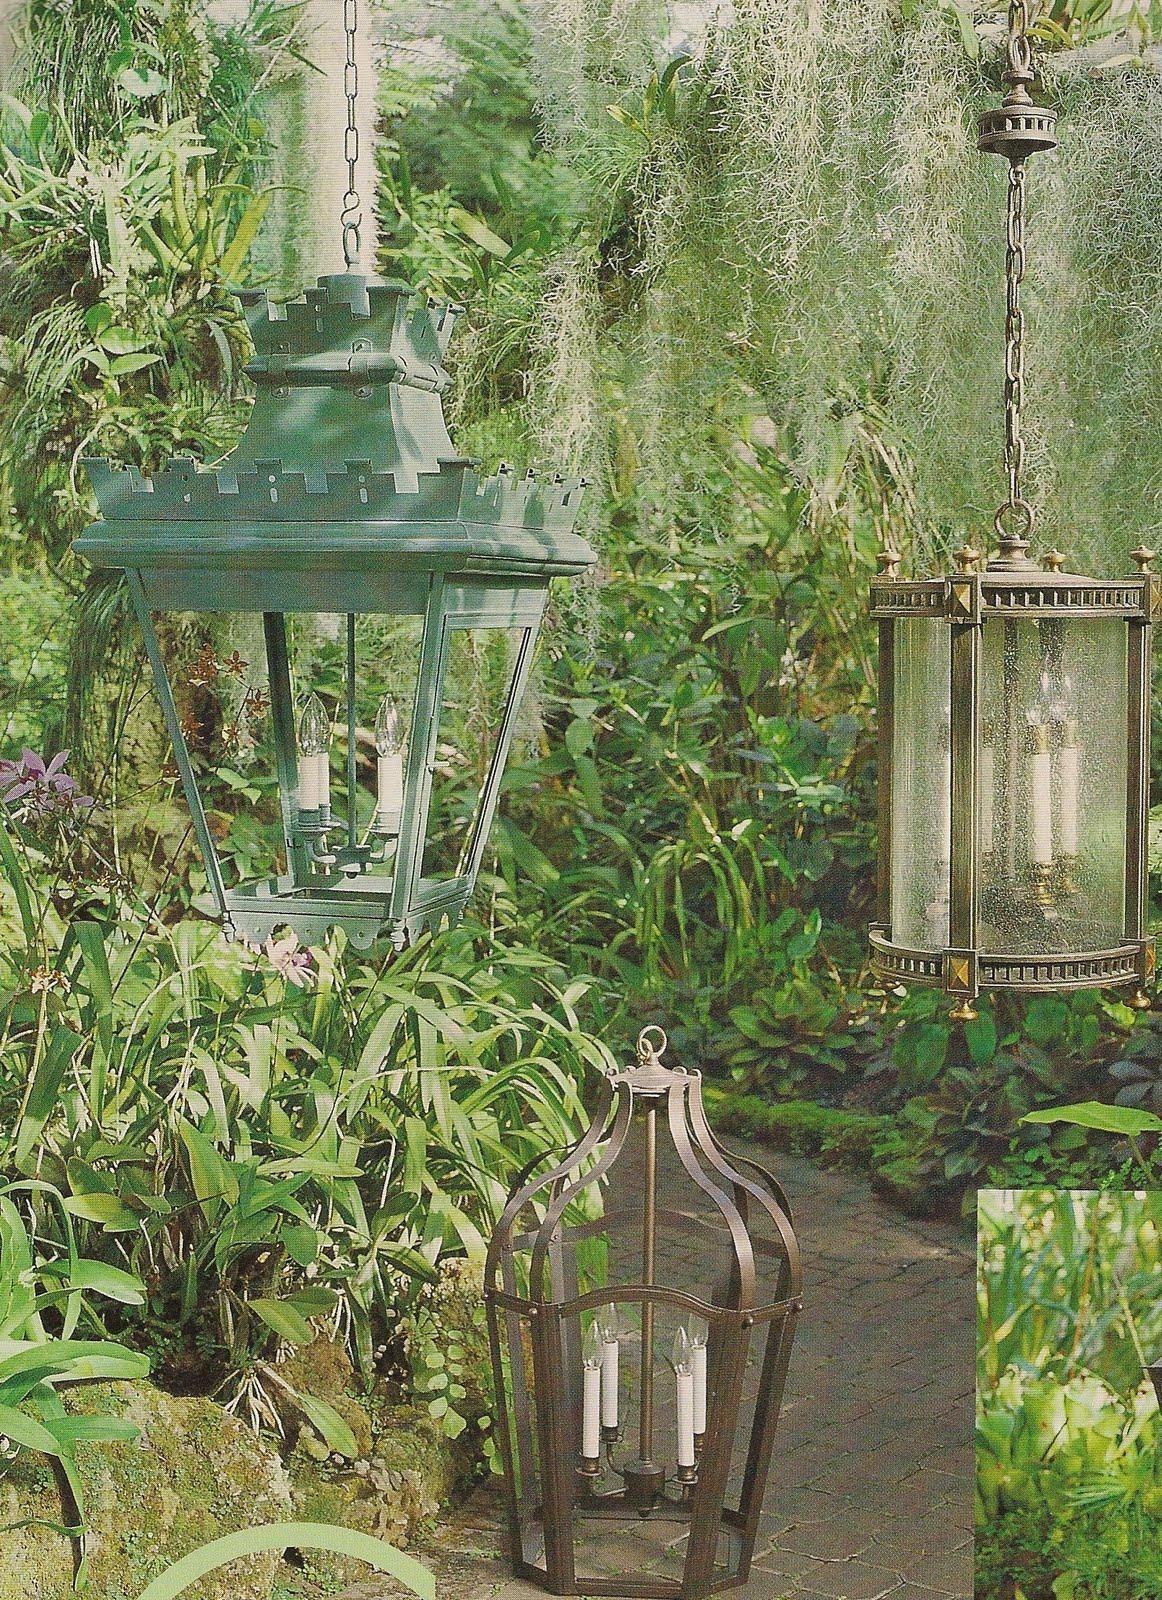 Riviera Boardwalk: Lanterns, lanterns and more lanterns!